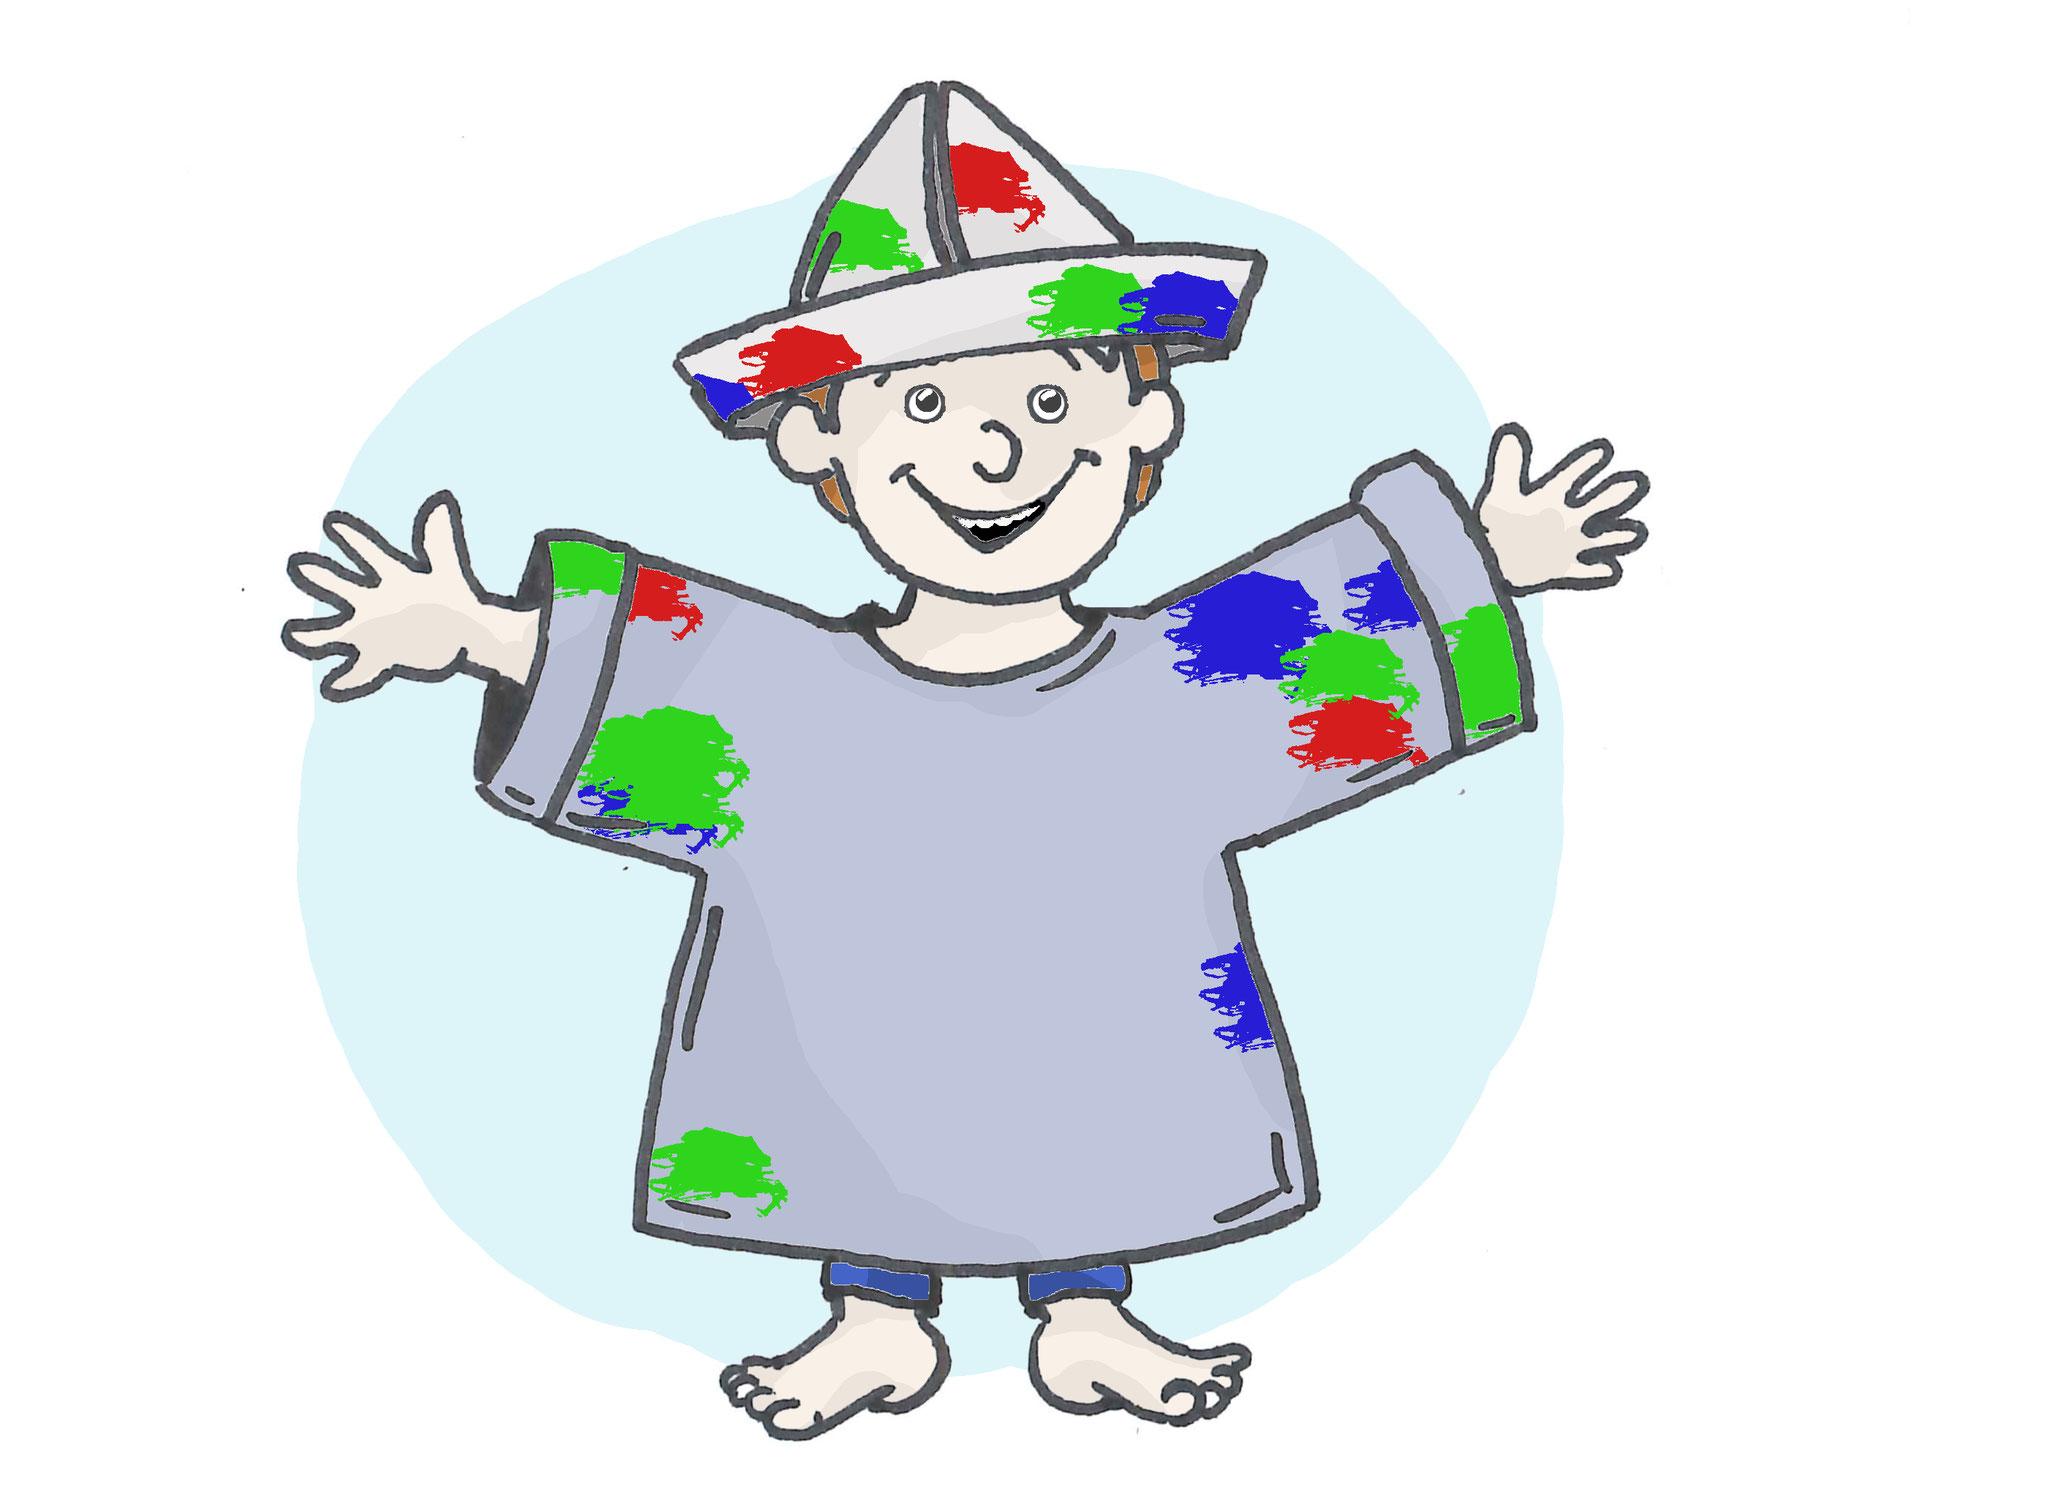 8. Kostüme basteln: Der schönste Hut lässt sich aus altem Geschenk- oder Zeitungspapier basteln, und vielleicht kommt ja sogar ein ganzes Kostüm dabei heraus? Diese können im Rahmen einer Zirkusvorstellung präsentiert werden.